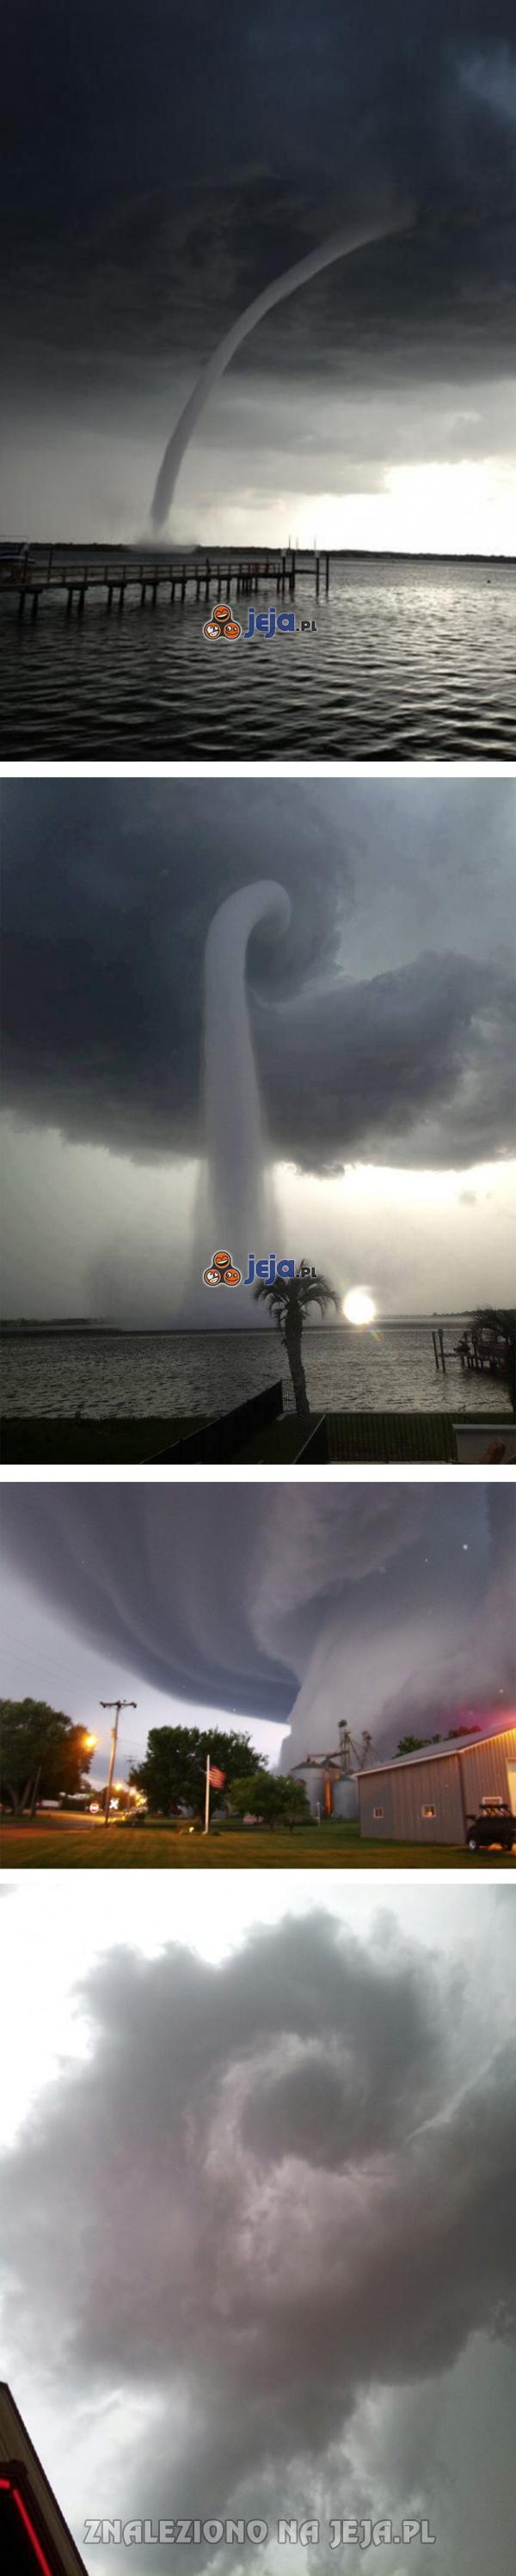 Tornada, wszędzie tornada...